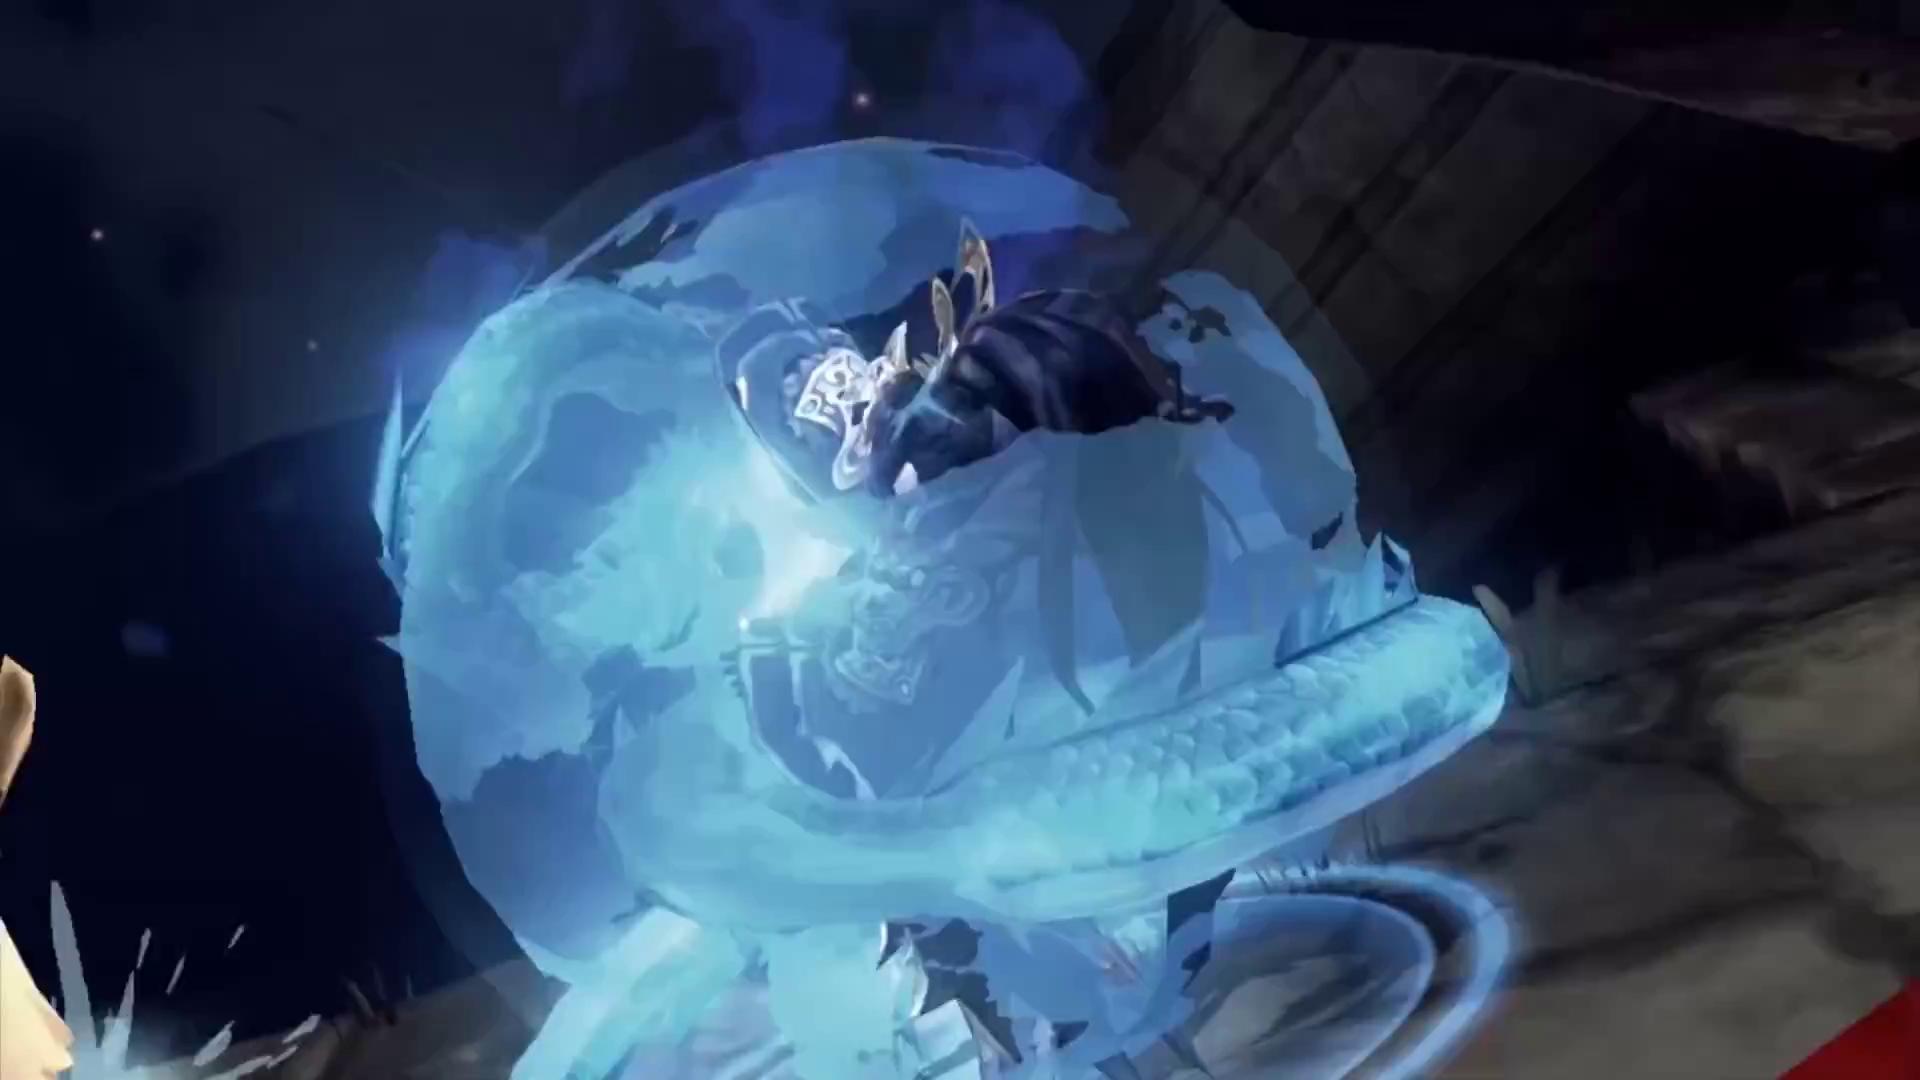 Phantom Chaser - Game RPG đồ họa Anime 3D đỉnh cao ra mắt toàn cầu, có cả tiếng Việt